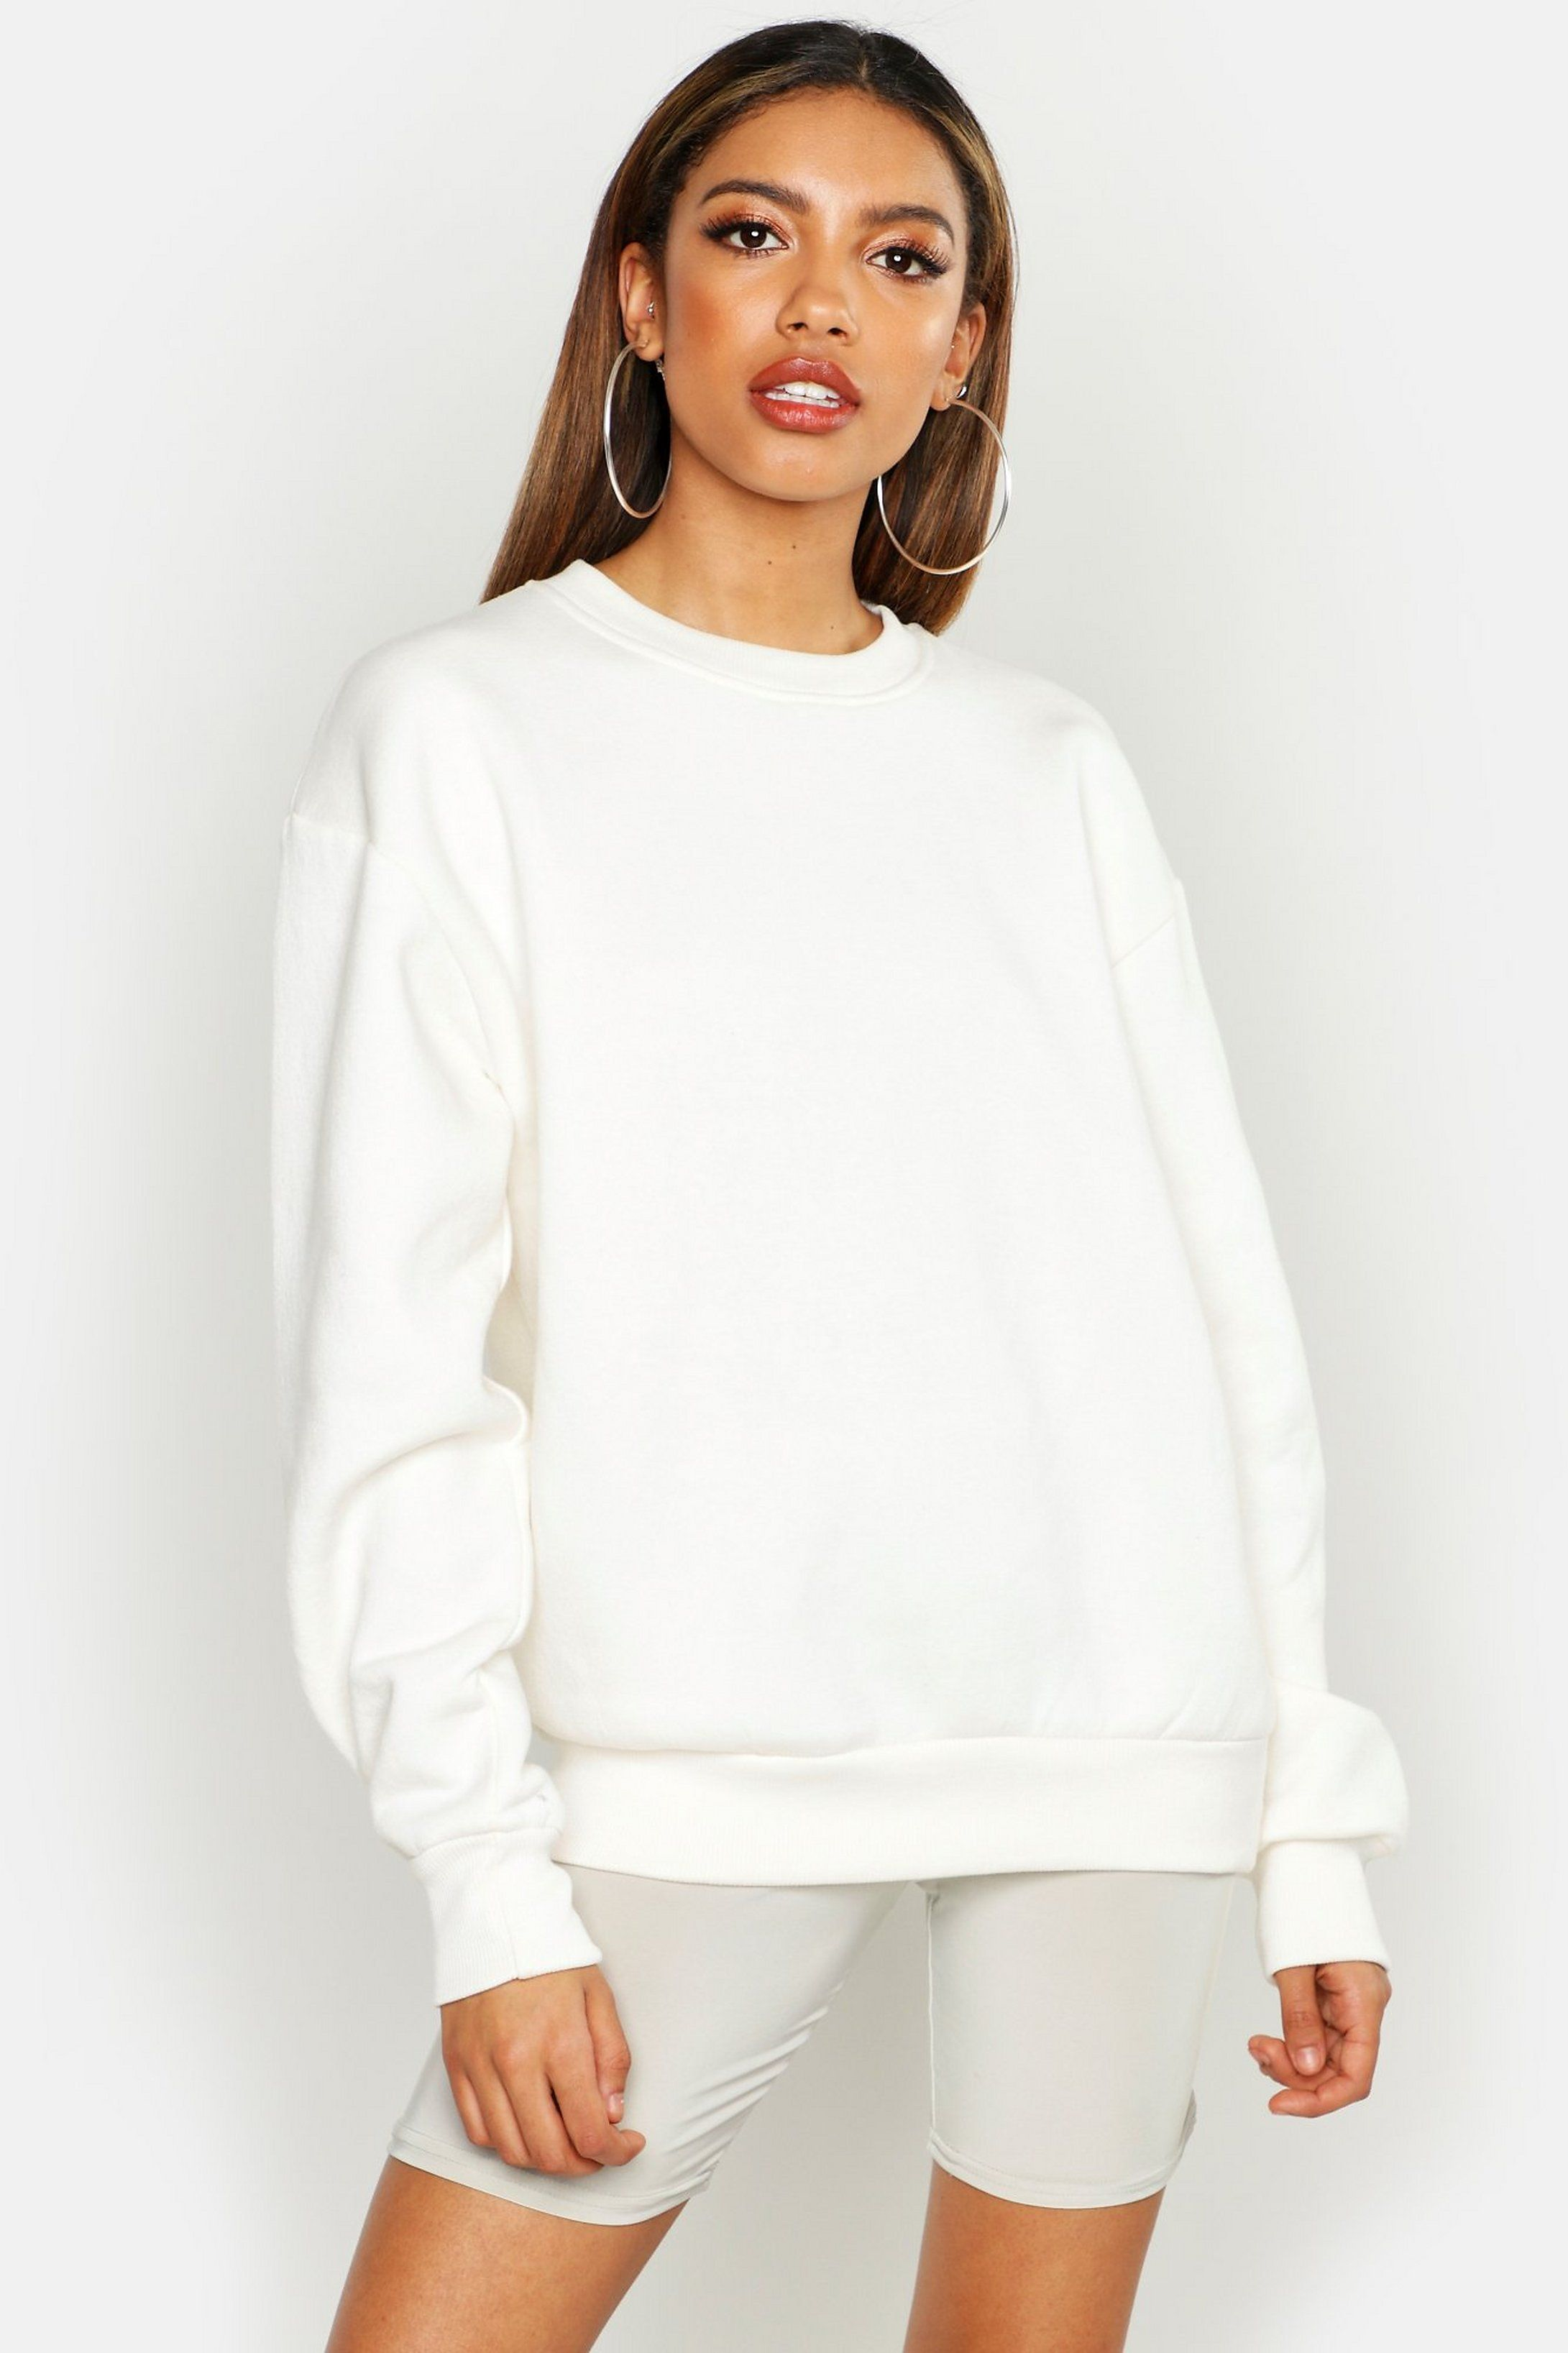 Basic Crew Neck Oversized Sweater Boohoo In 2021 White Sweatshirt Women Sweaters Oversized Sweaters [ 3273 x 2181 Pixel ]